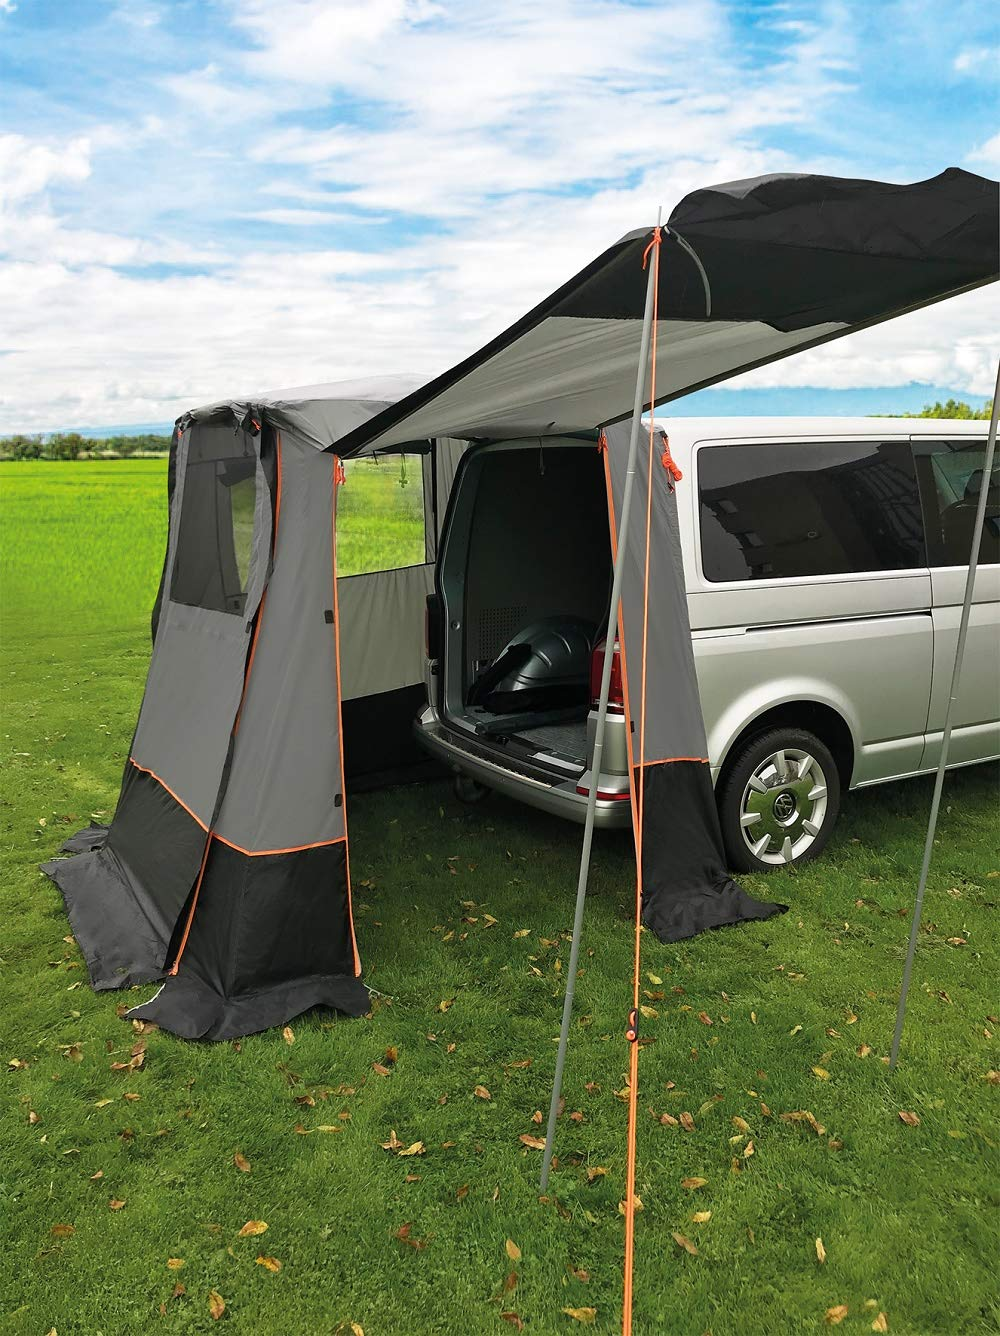 Eurotrail Offroad Tailgate Tent For Van Campervan Rear Door 200 x 195 x 208 cm